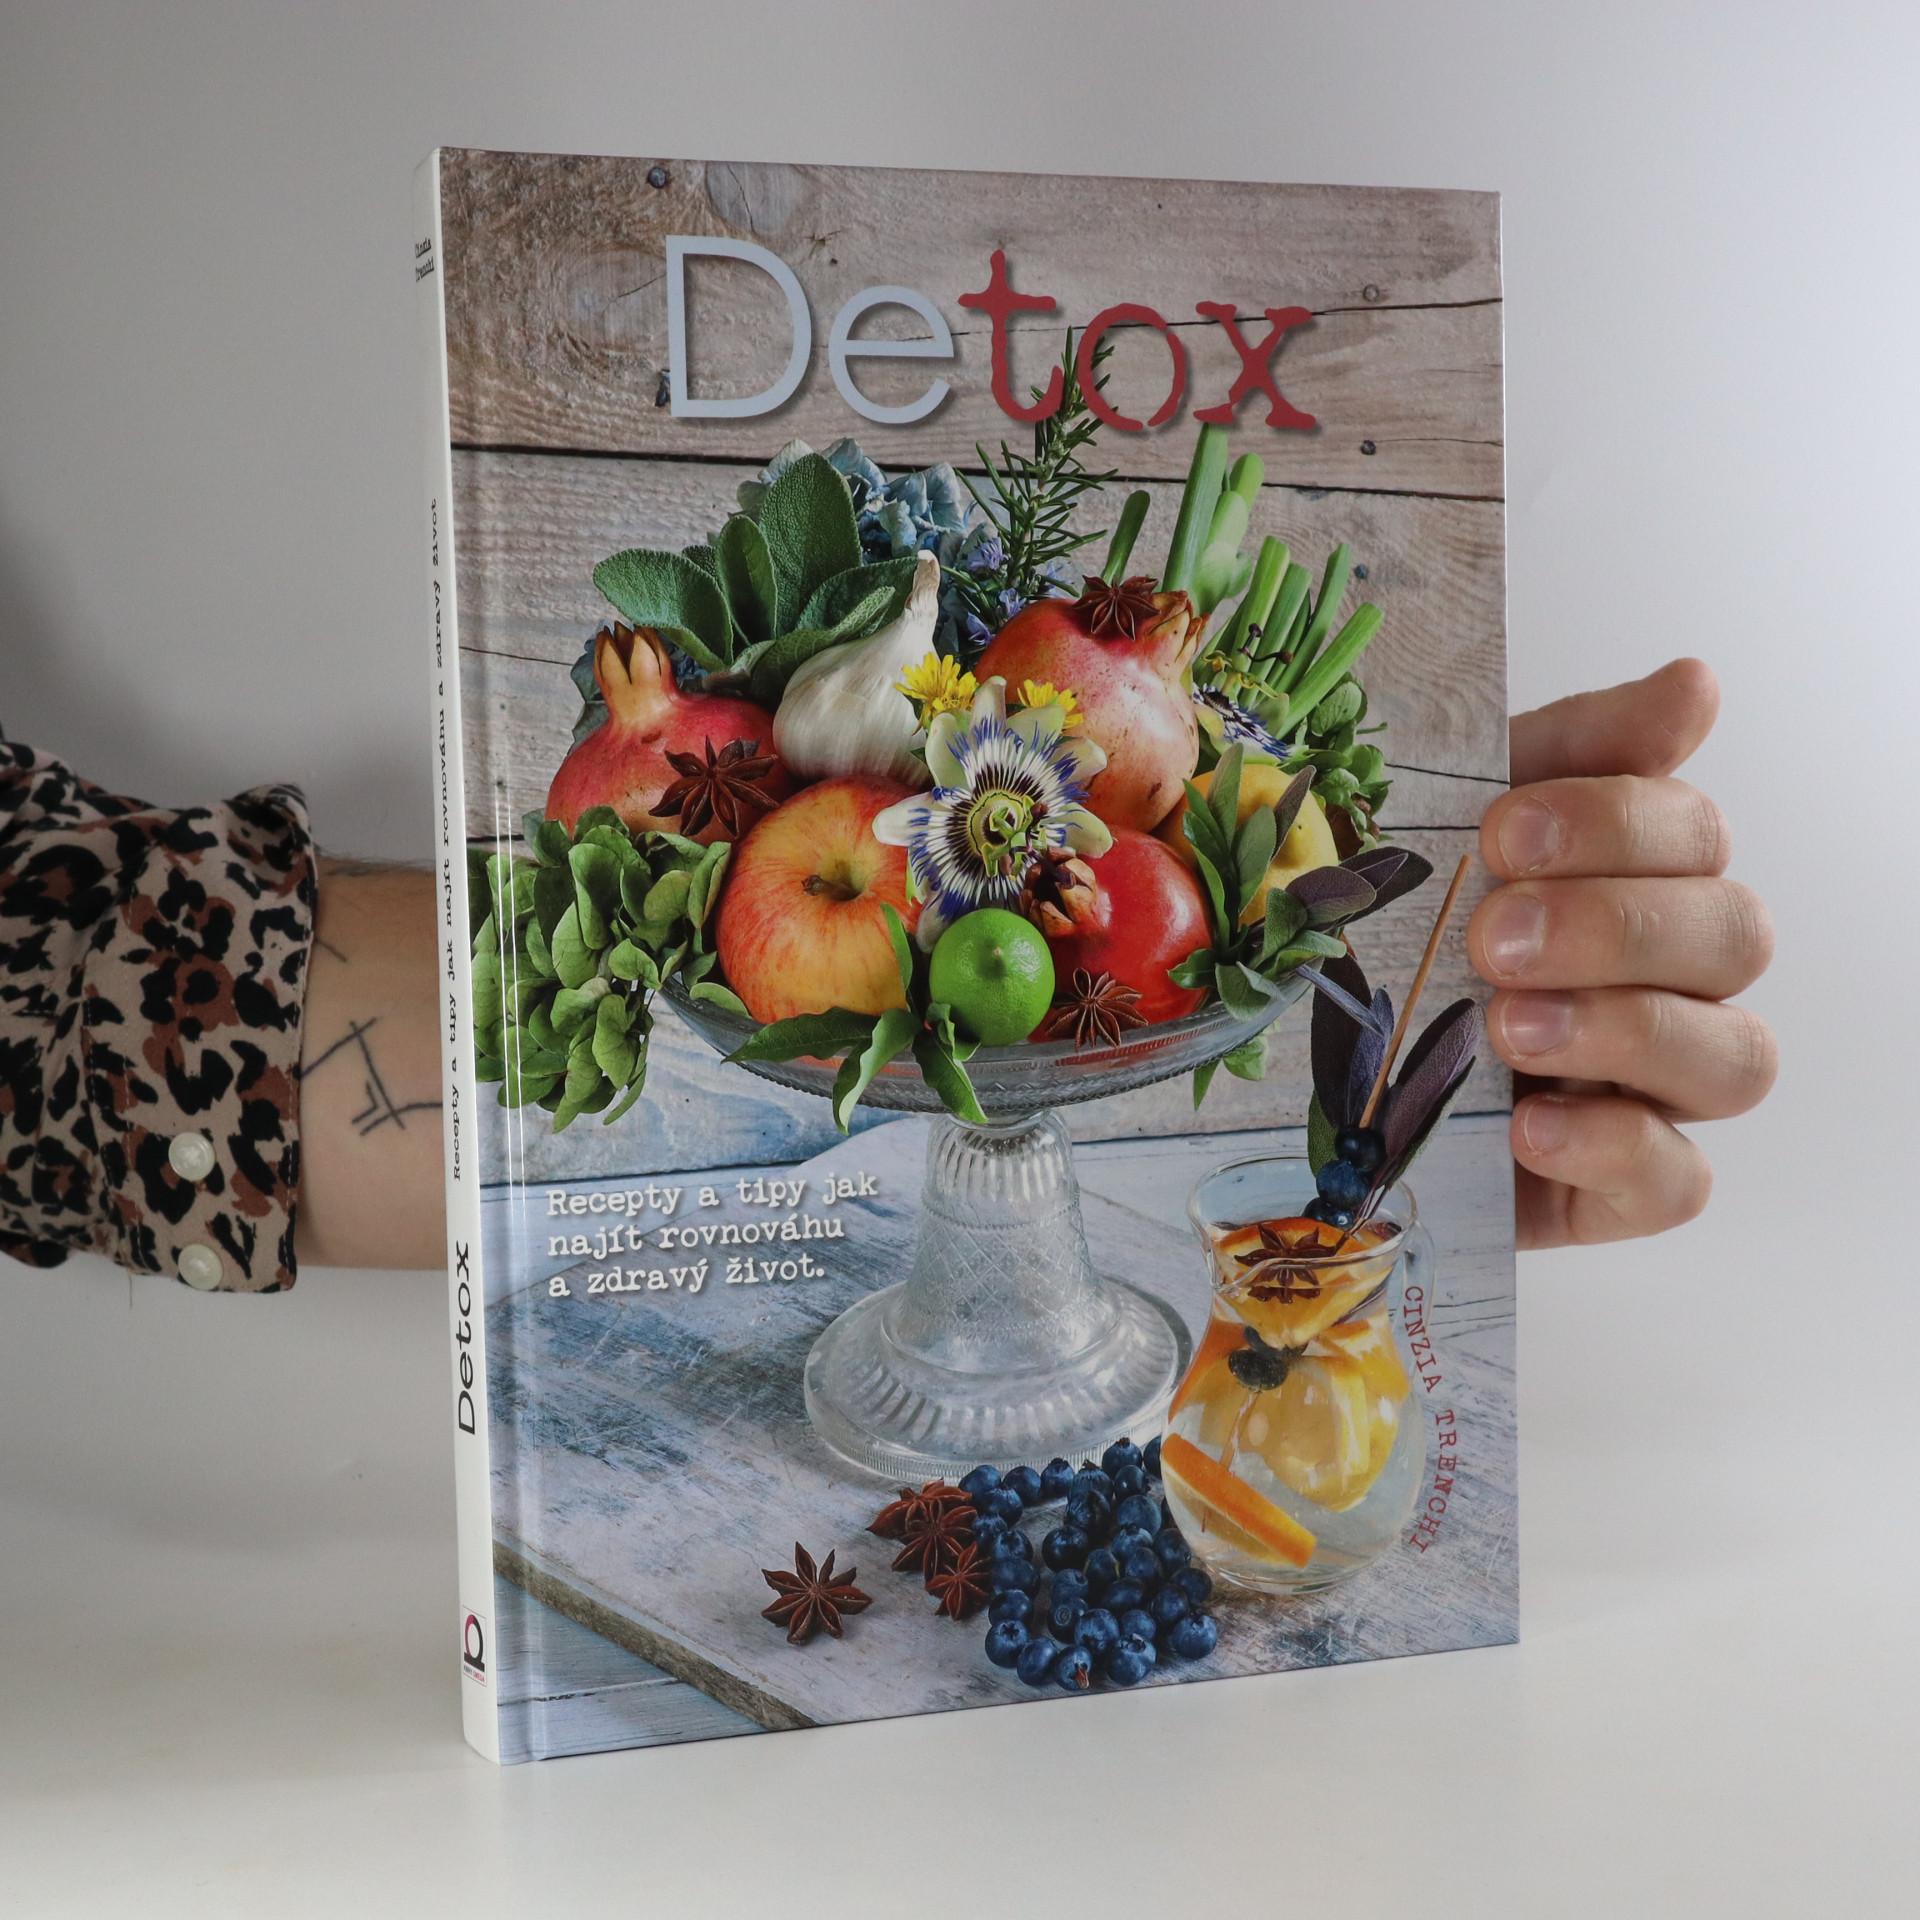 antikvární kniha Detox, 2016